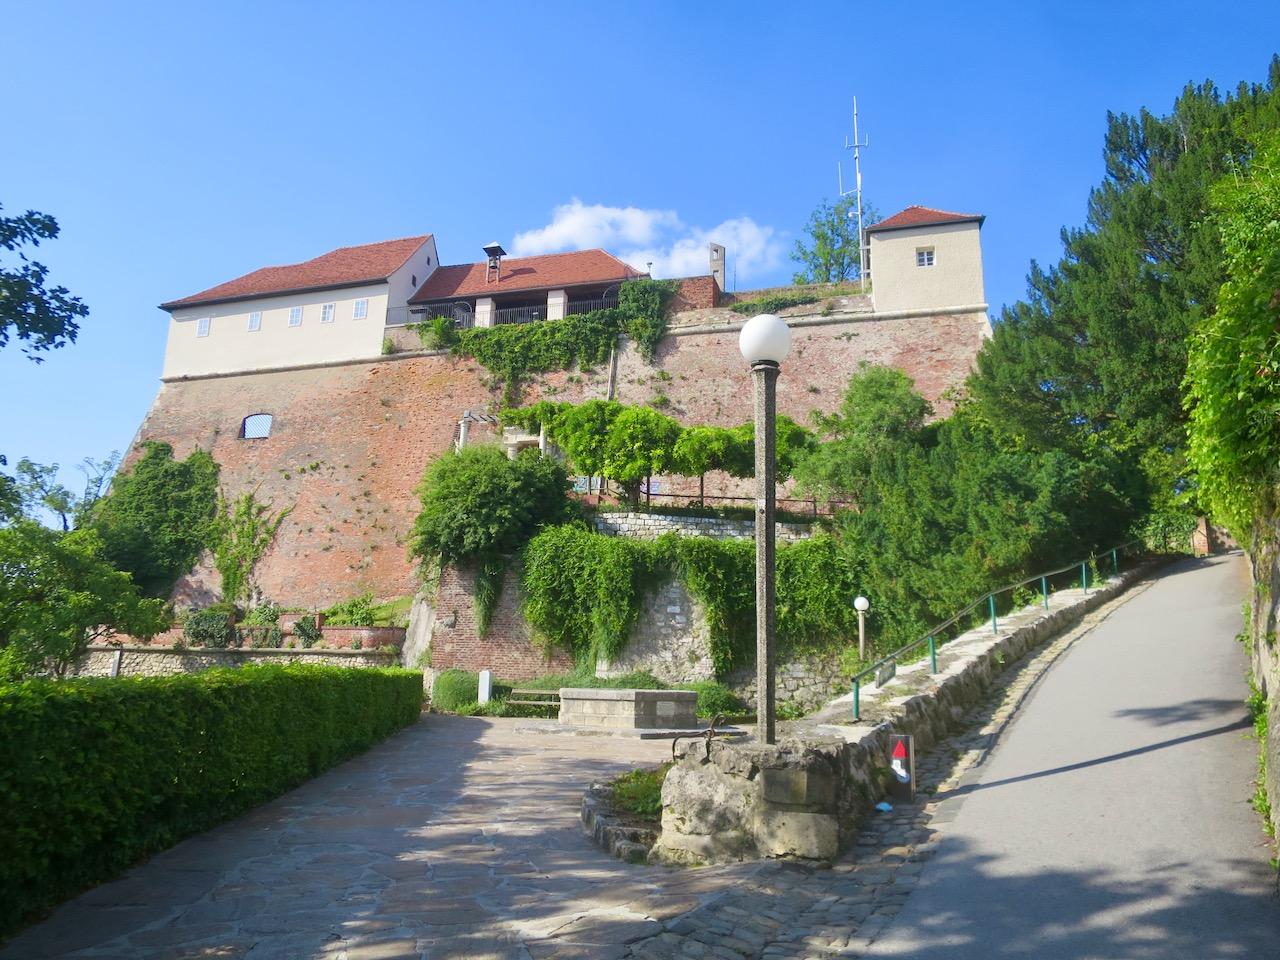 Graz 1 24